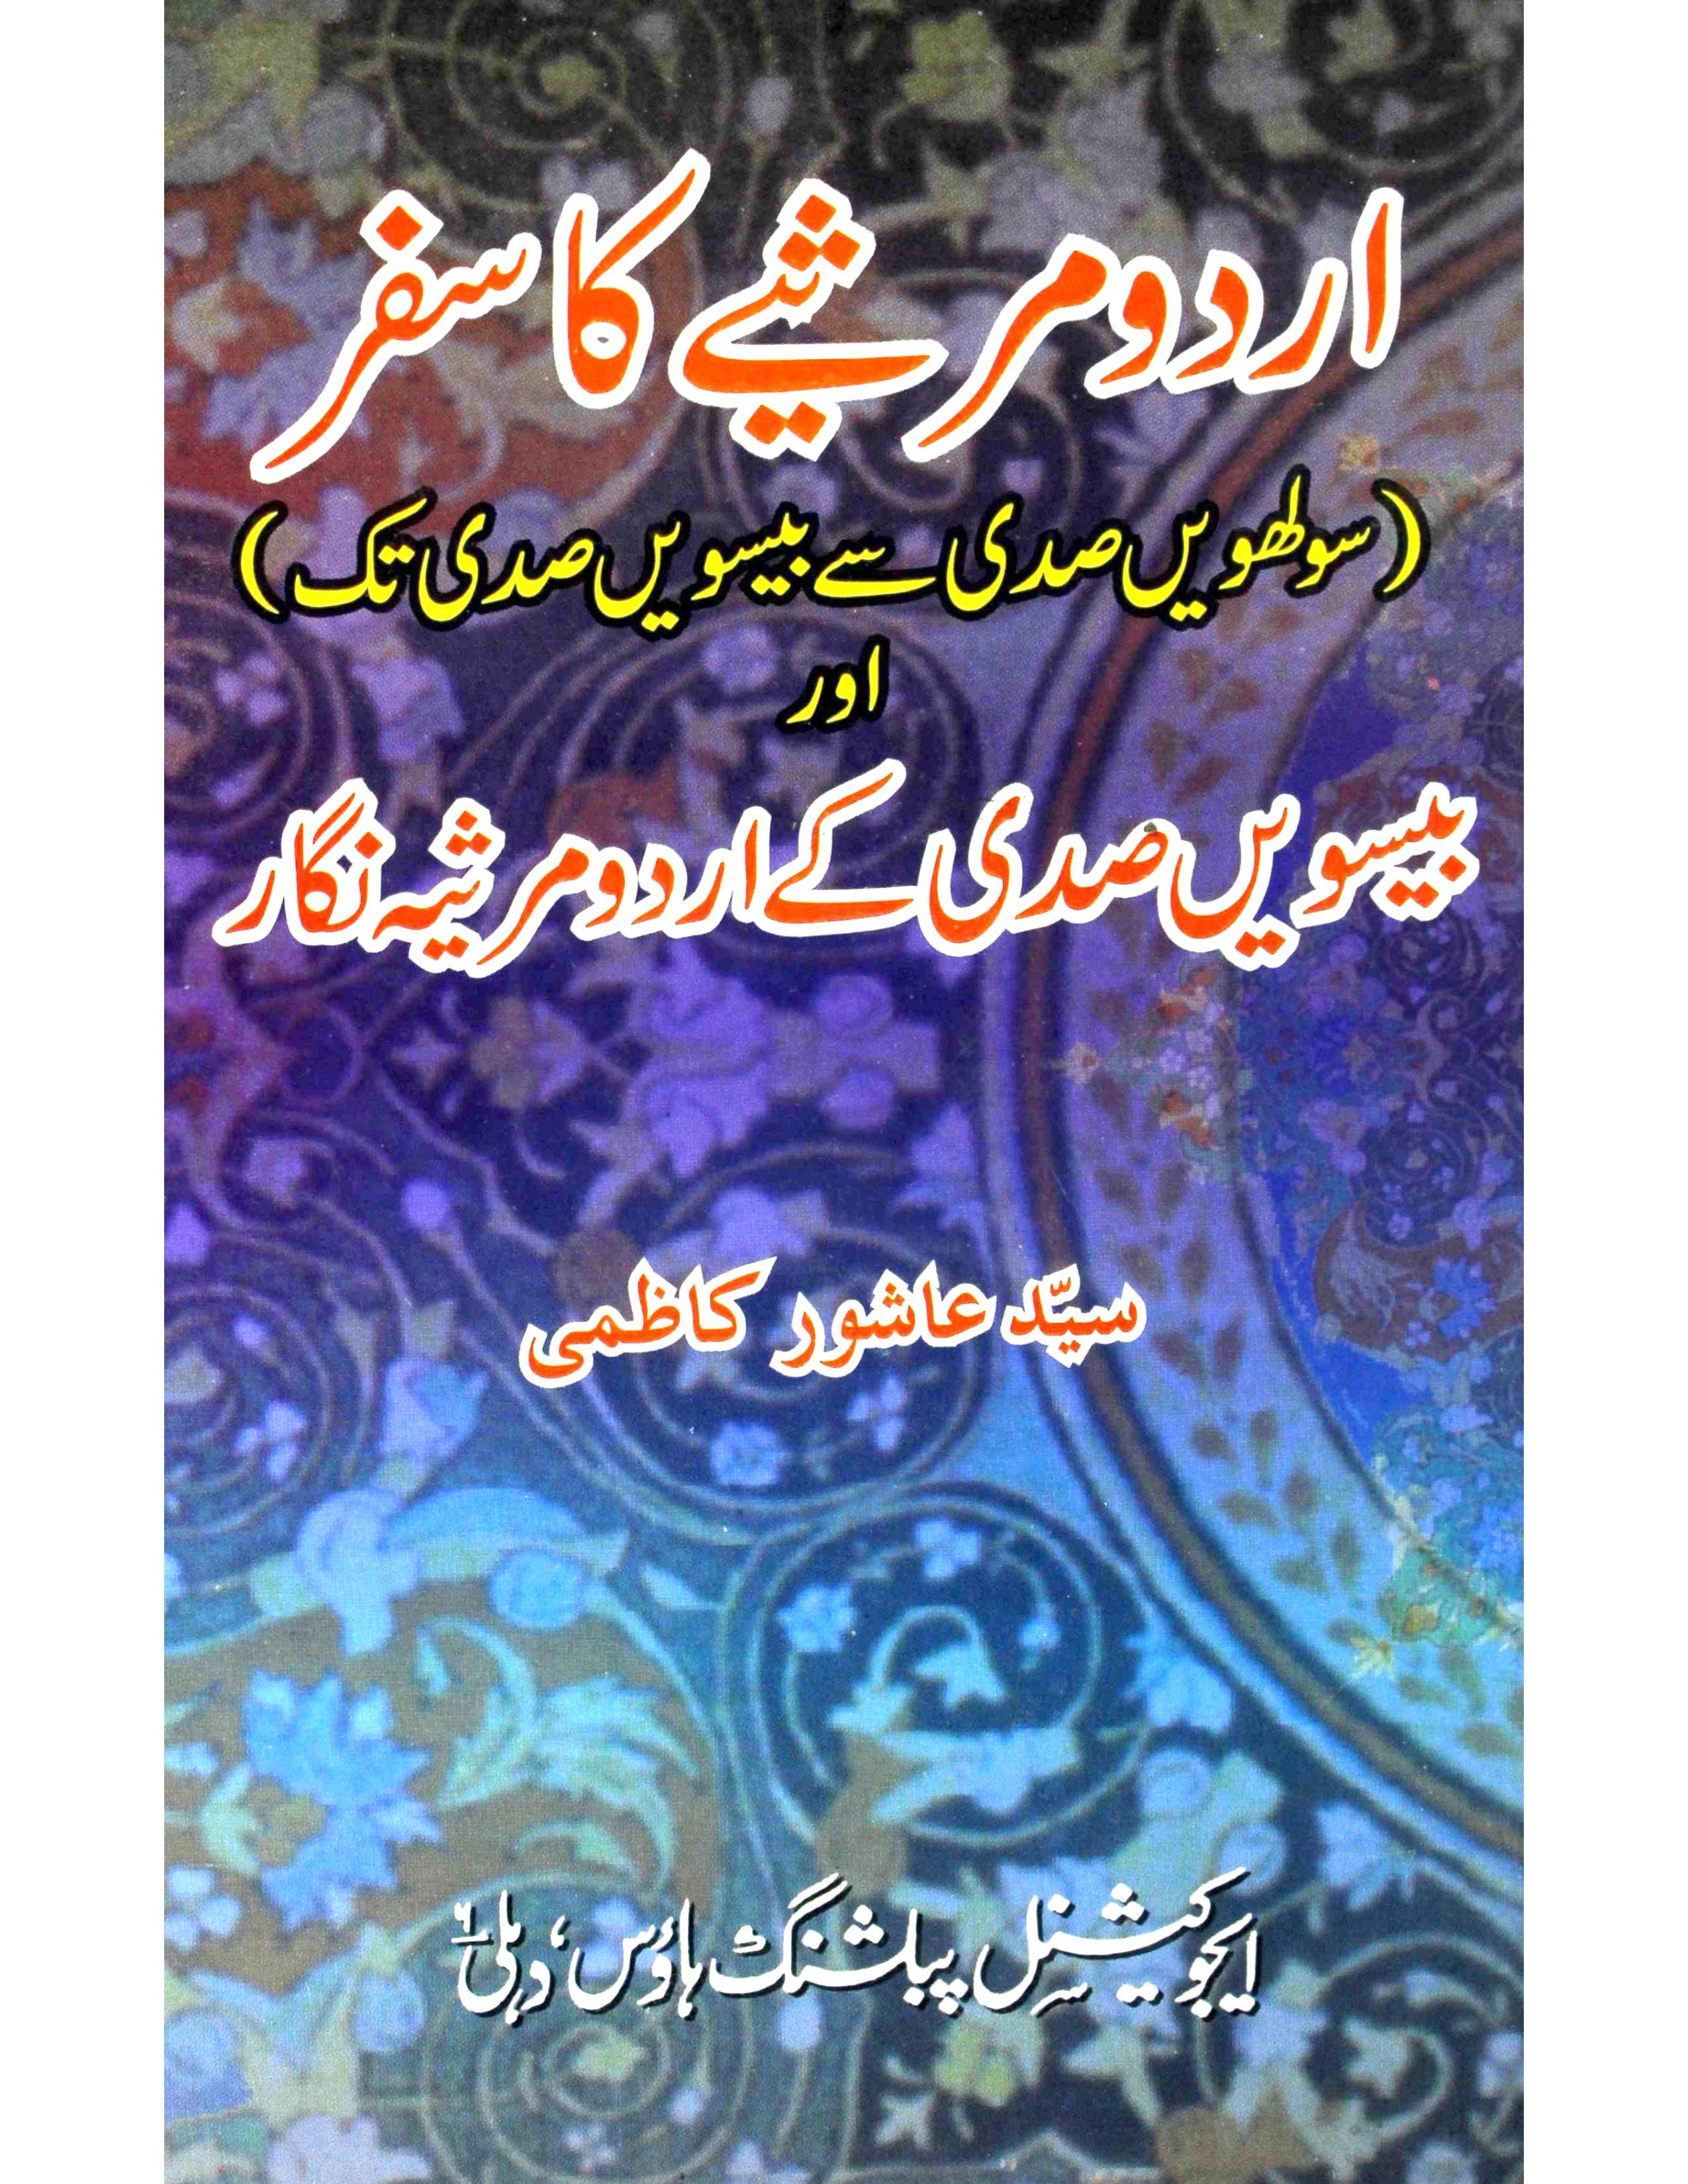 Urdu Marsiye Ka Safar     Aur Bisvin Sadi Ke Urdu Marsiya Nigar